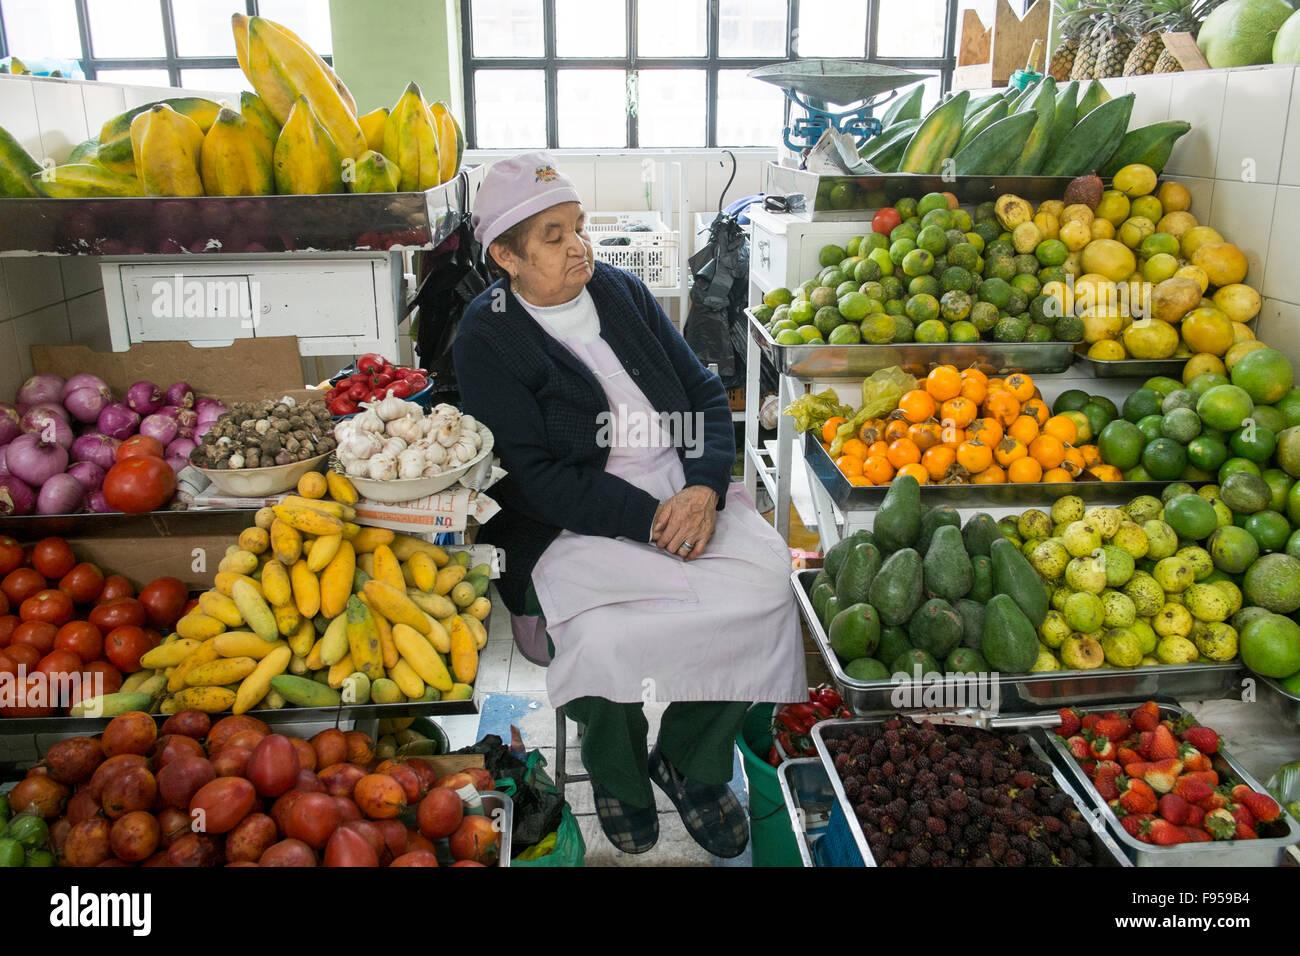 Quito , en Équateur. Le Mercado Central de Quito. Une femme dort sur son étal de fruits. Photo Stock